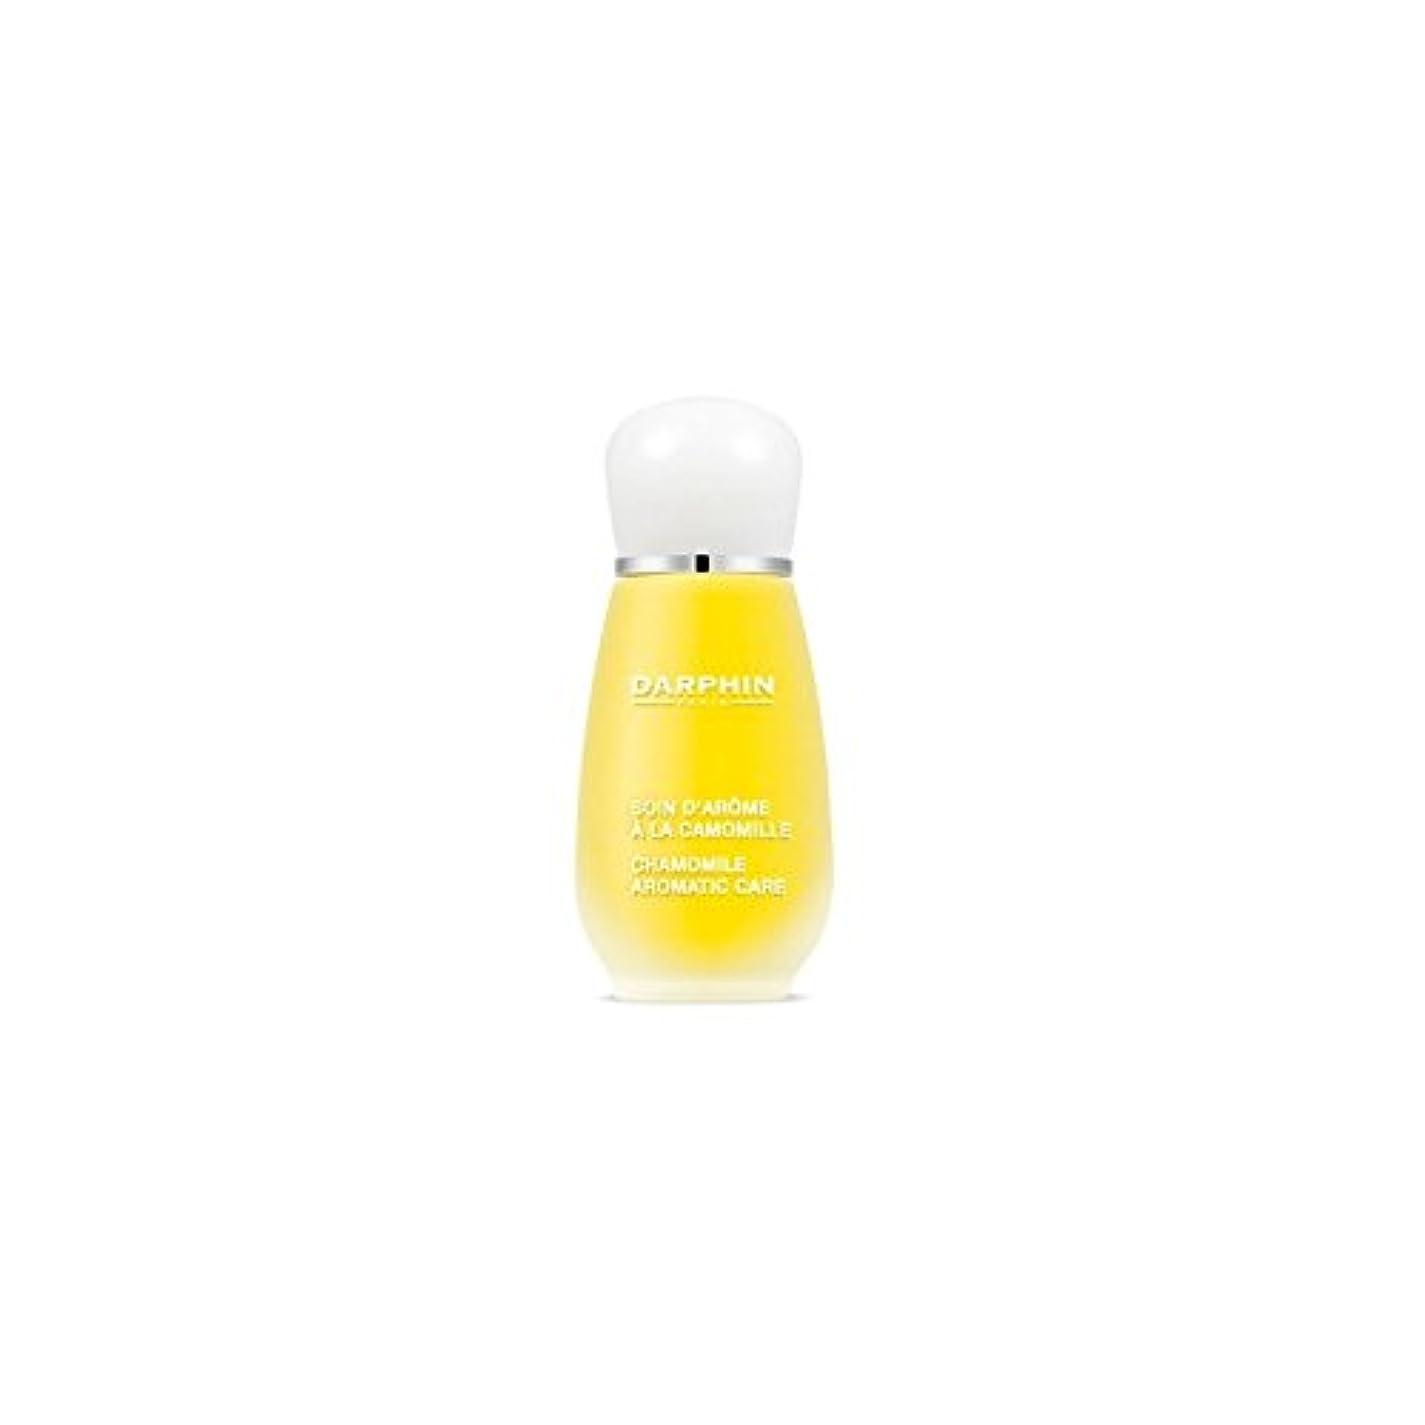 乱れ農民鹿Darphin Chamomile Aromatic Care (15ml) - ダルファンカモミール芳香ケア(15ミリリットル) [並行輸入品]